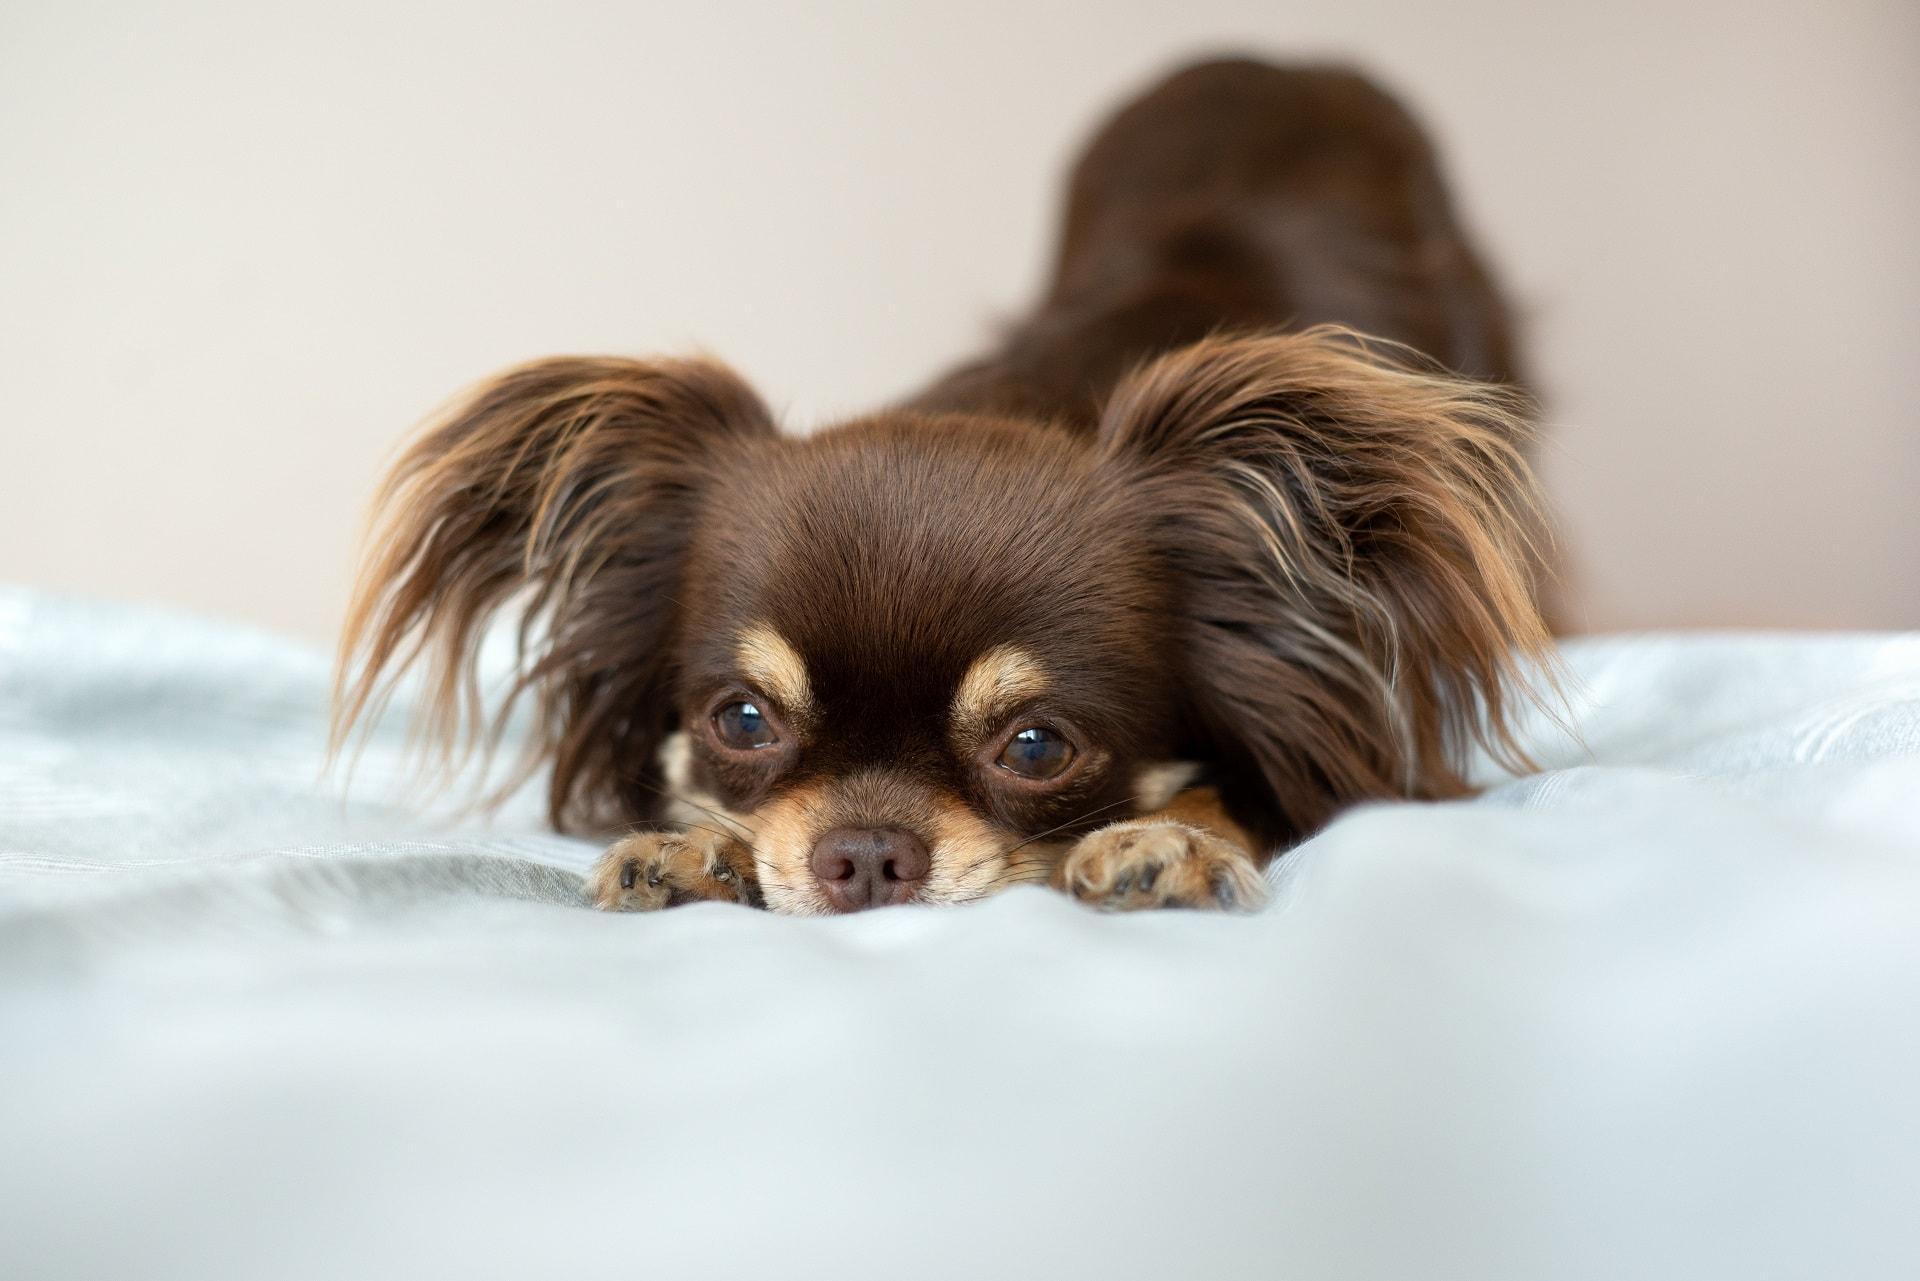 najmniejsze psy świata